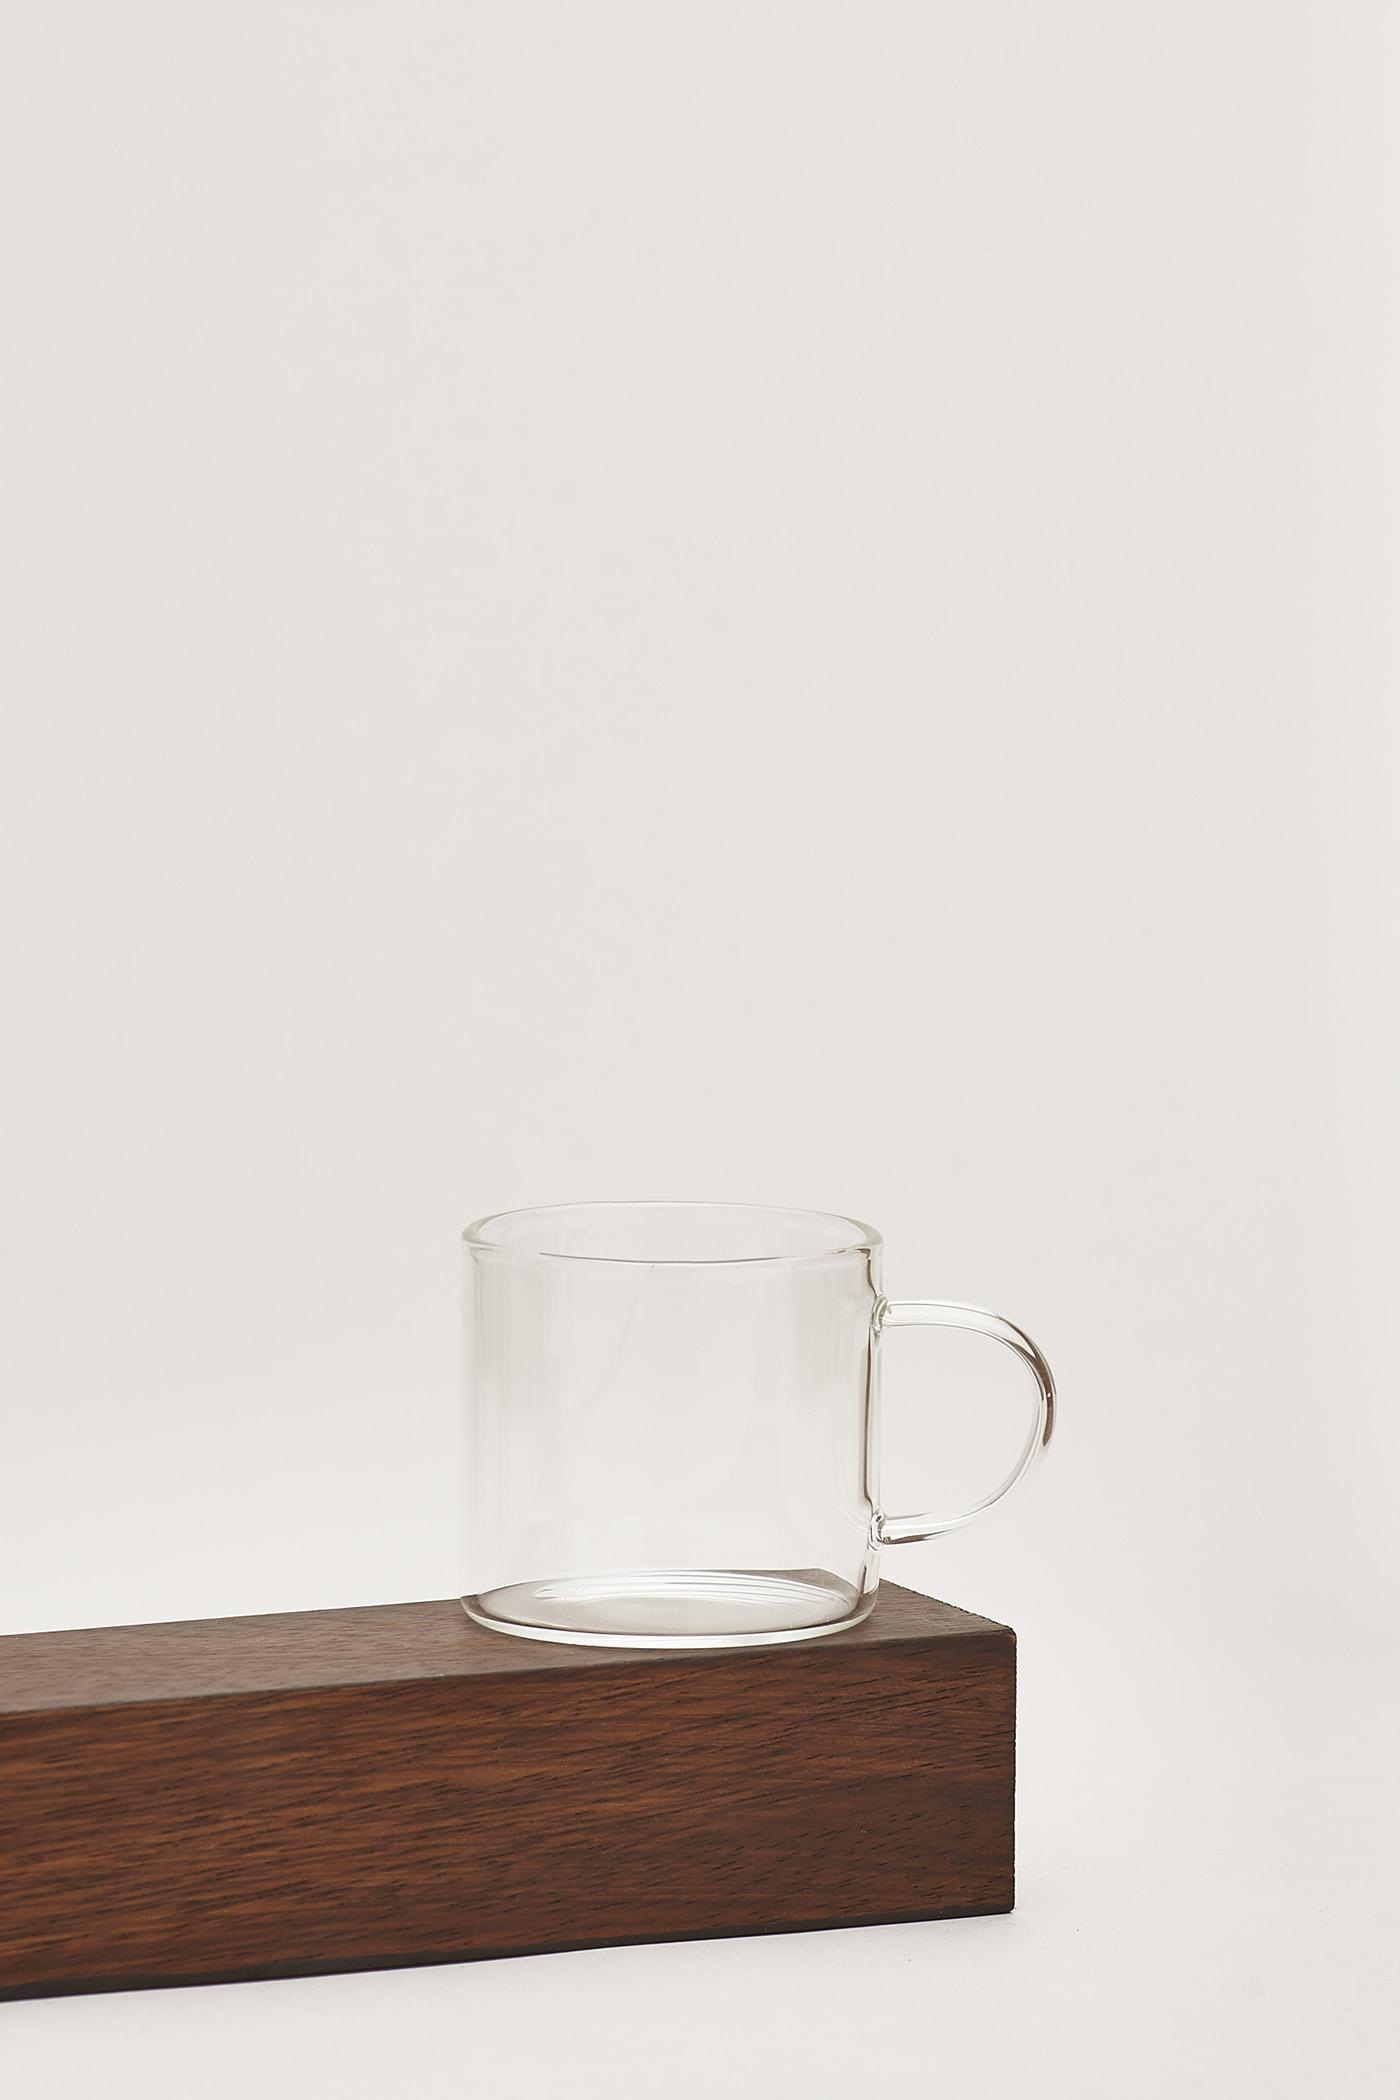 Shino Small Mug